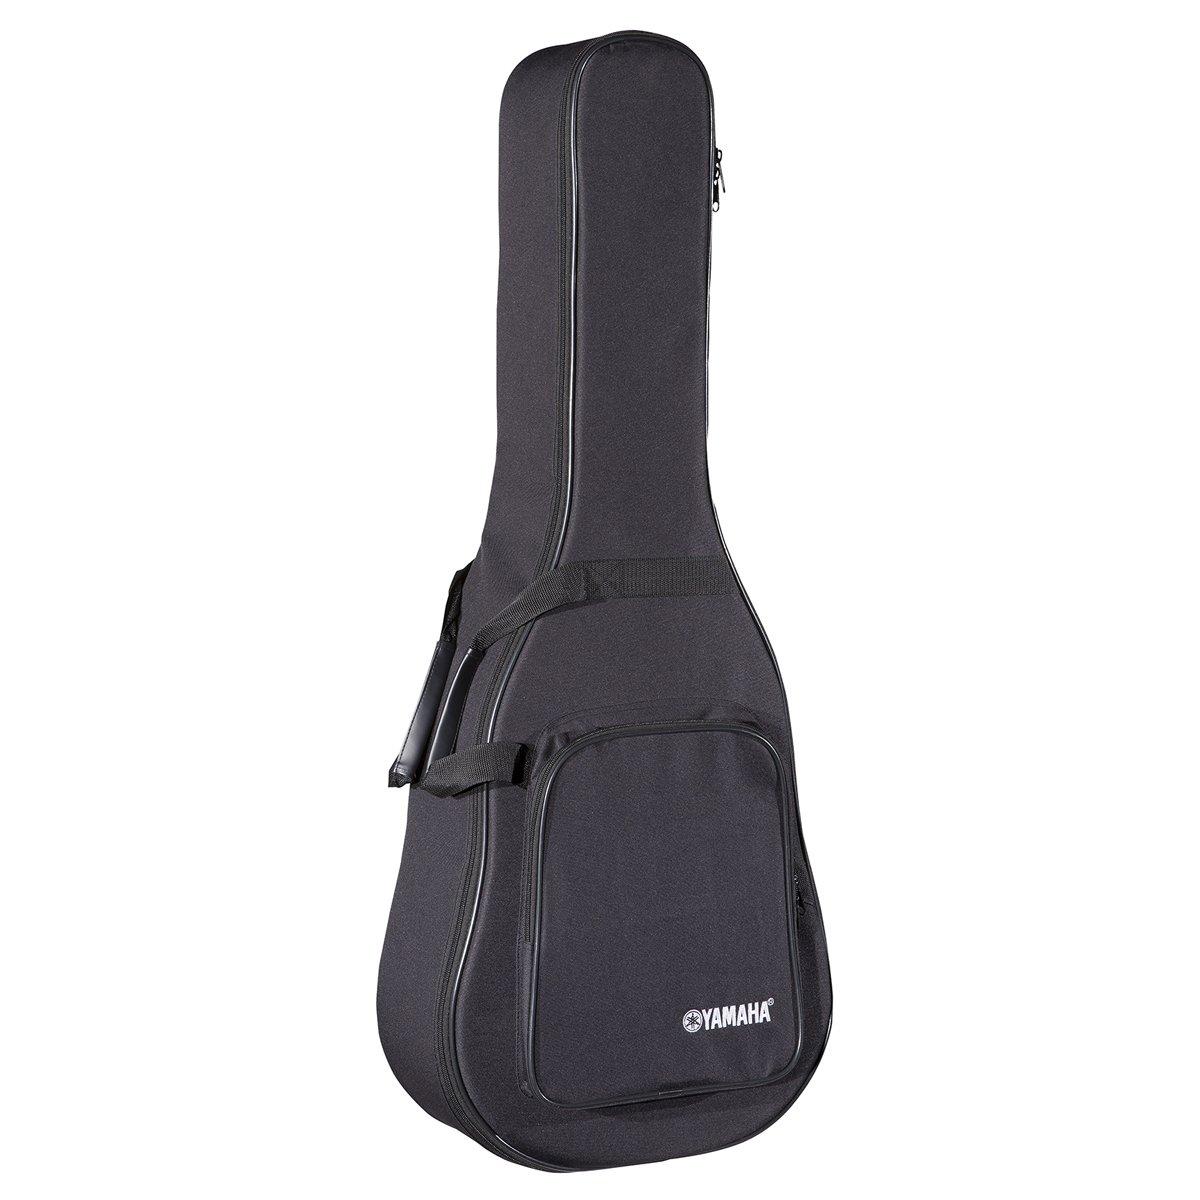 Yamaha EG-Hard Case Hardshell Electric Guitar Yamaha PAC EG-HC